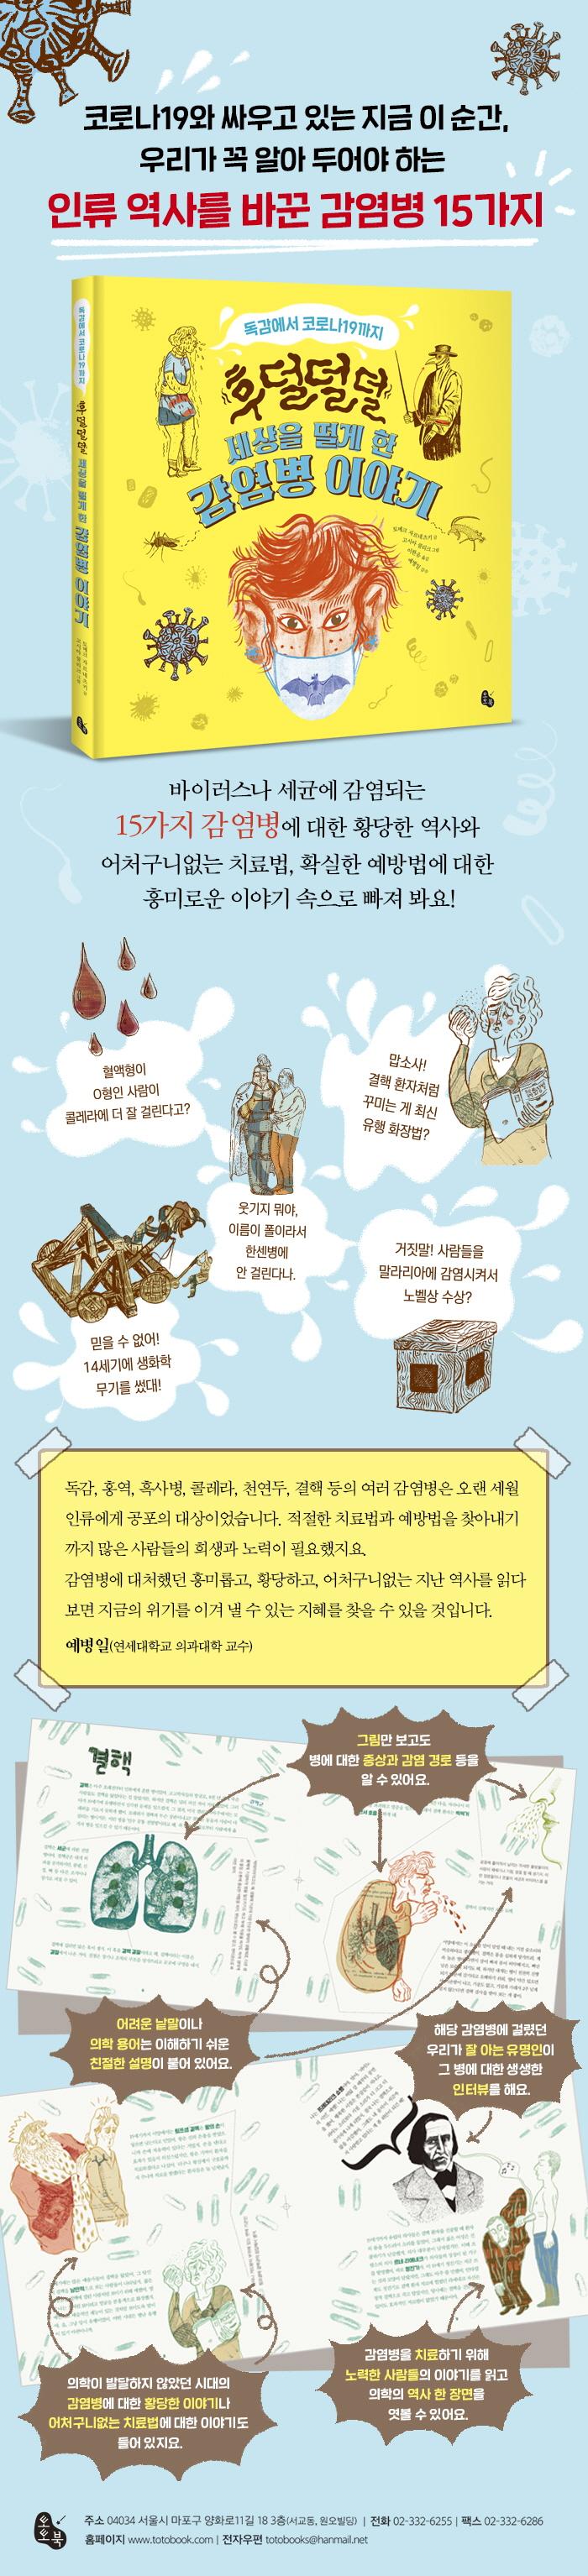 세상을 떨게 한 감염병 이야기(후덜덜덜)(양장본 HardCover) 도서 상세이미지